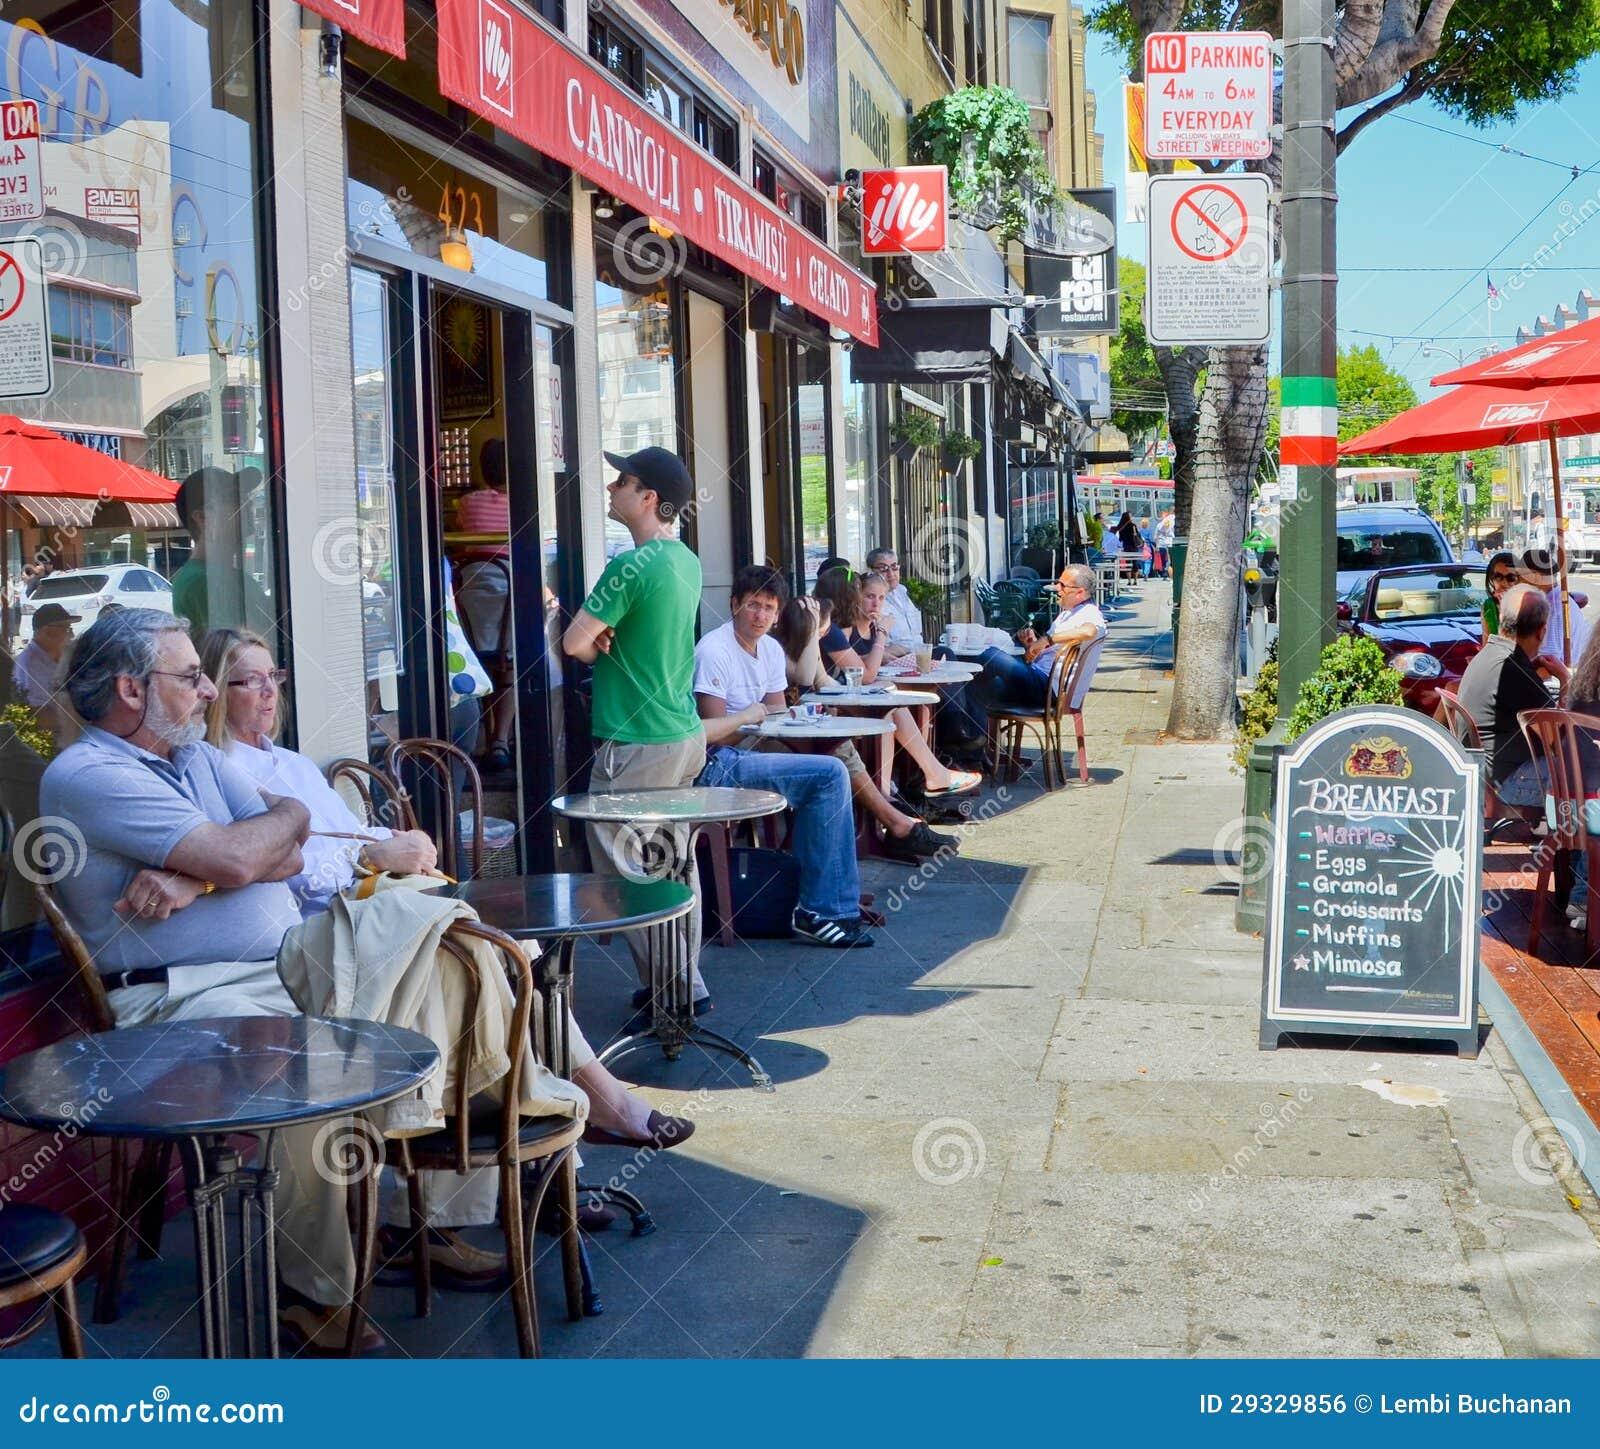 Dating in san francisco scene